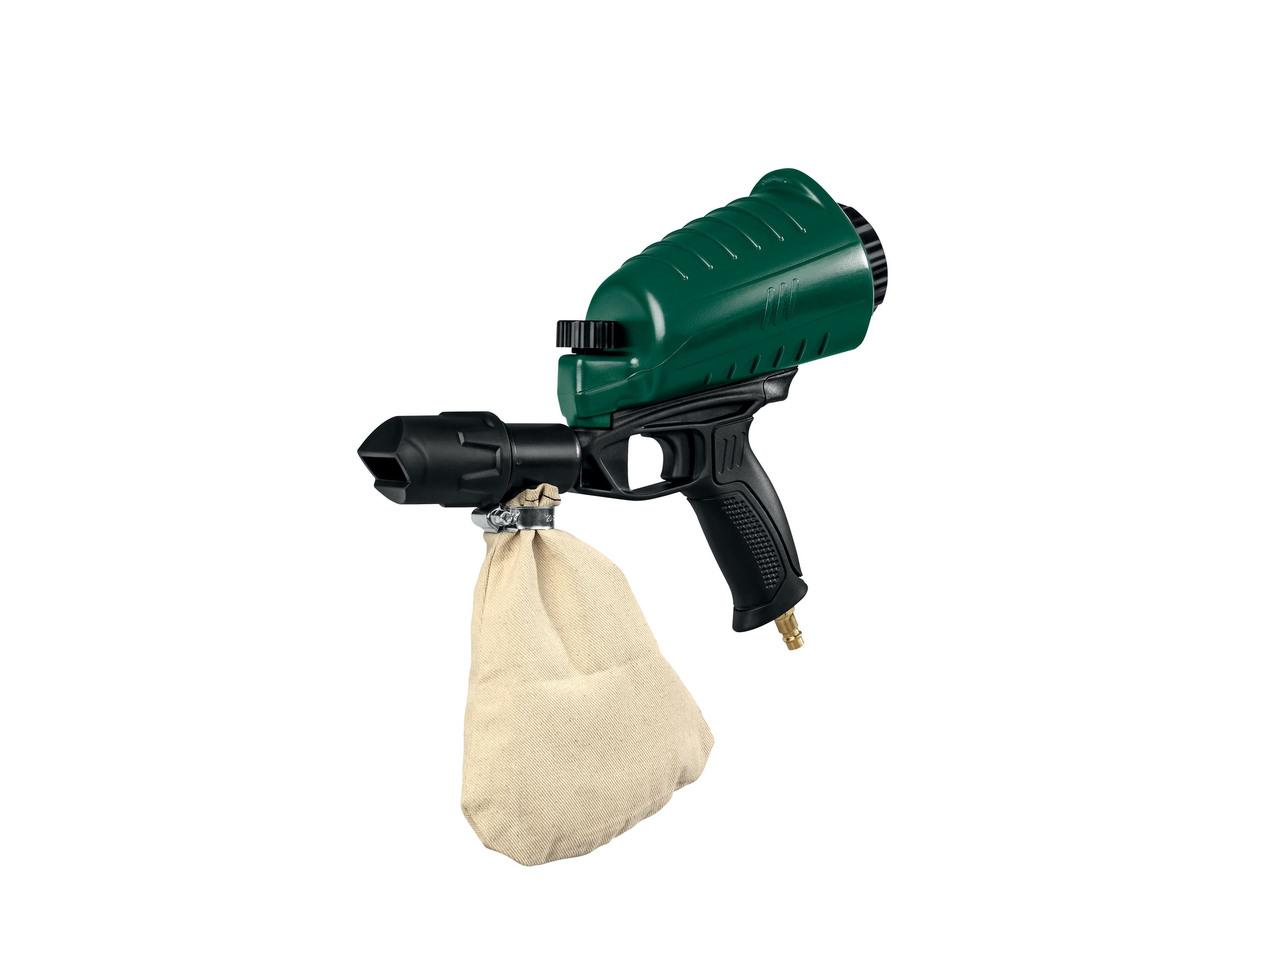 Pistola elettrica per verniciare lidl riparazioni for Pistola sparapunti elettrica parkside